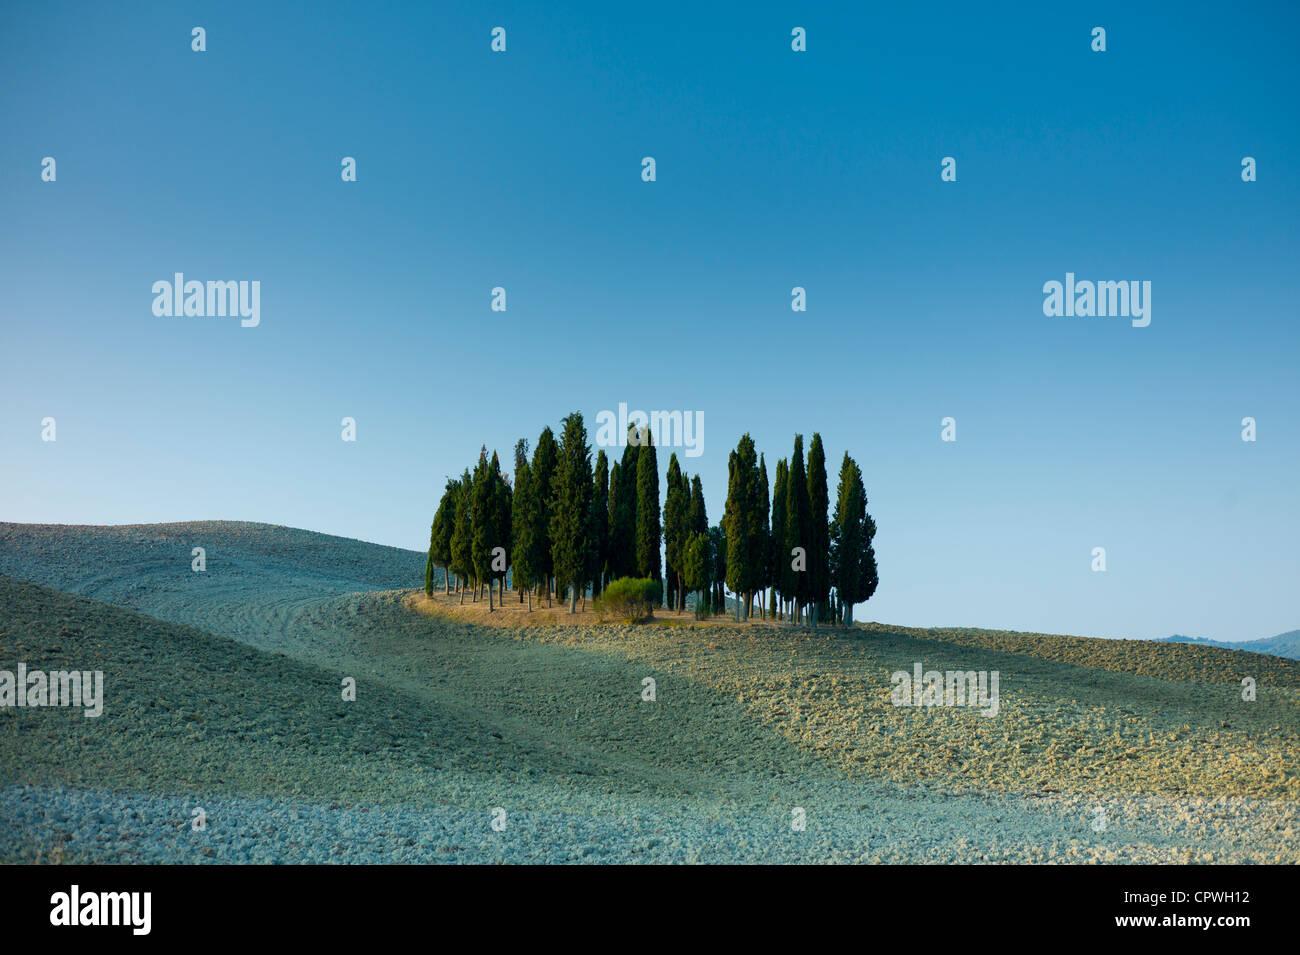 Hain von Zypressen in Landschaft von San Quirico D'Orcia in Val D'Orcia, Toskana, Italien Stockbild